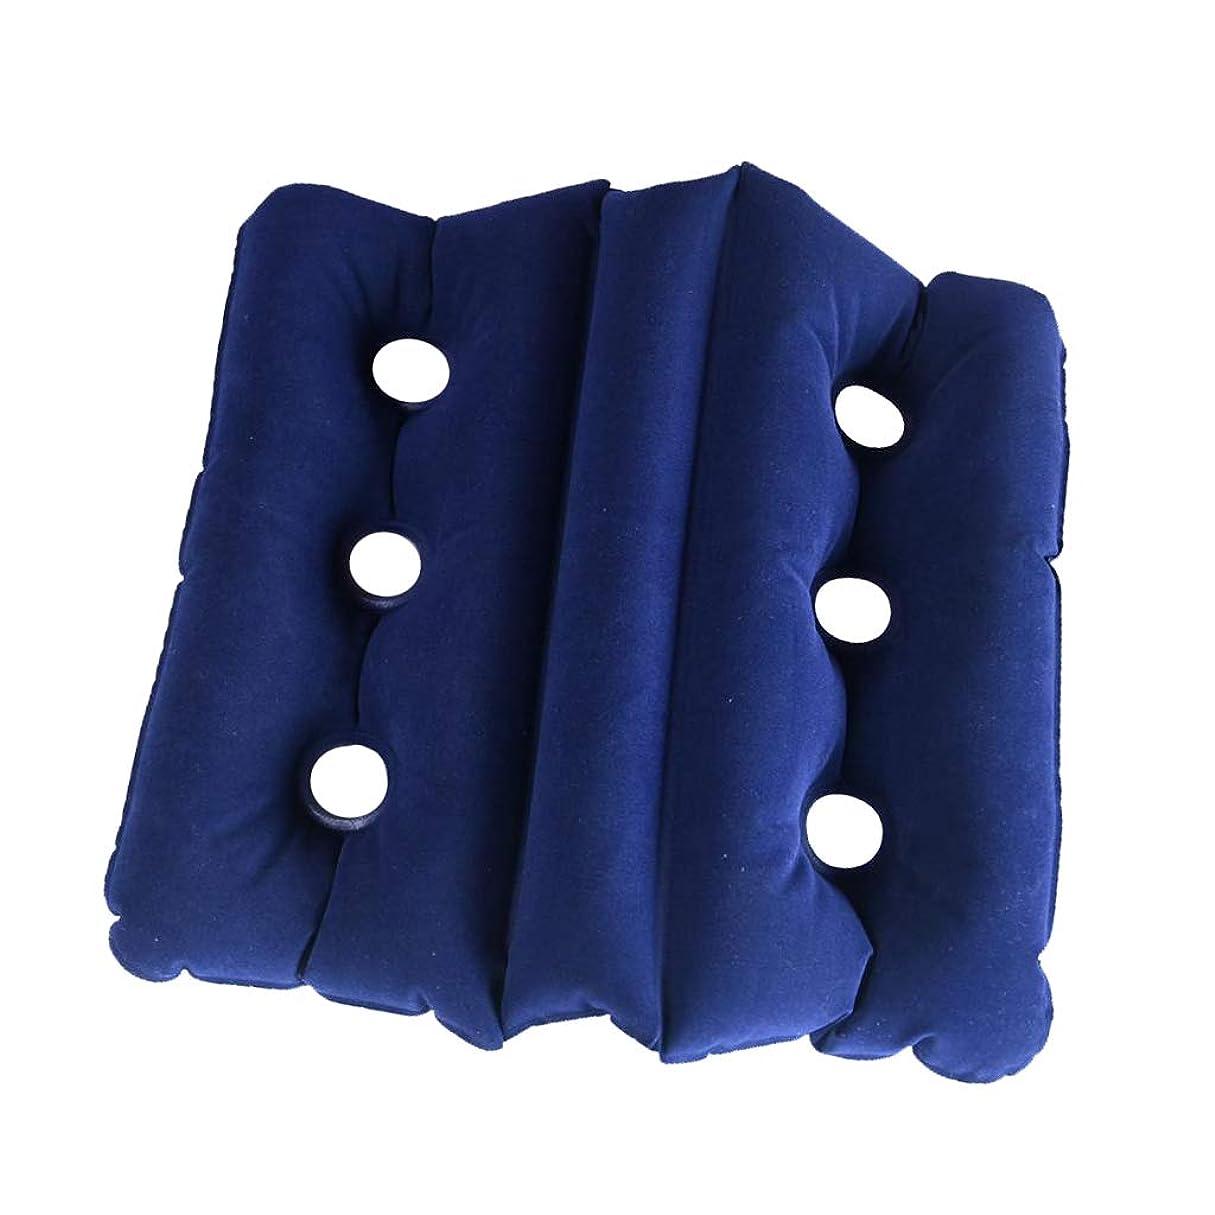 熟した湖ホテル折り畳み式 エアー インフレータブル クッション シートチェアー車 椅子 ピローパッドダーク 濃紺